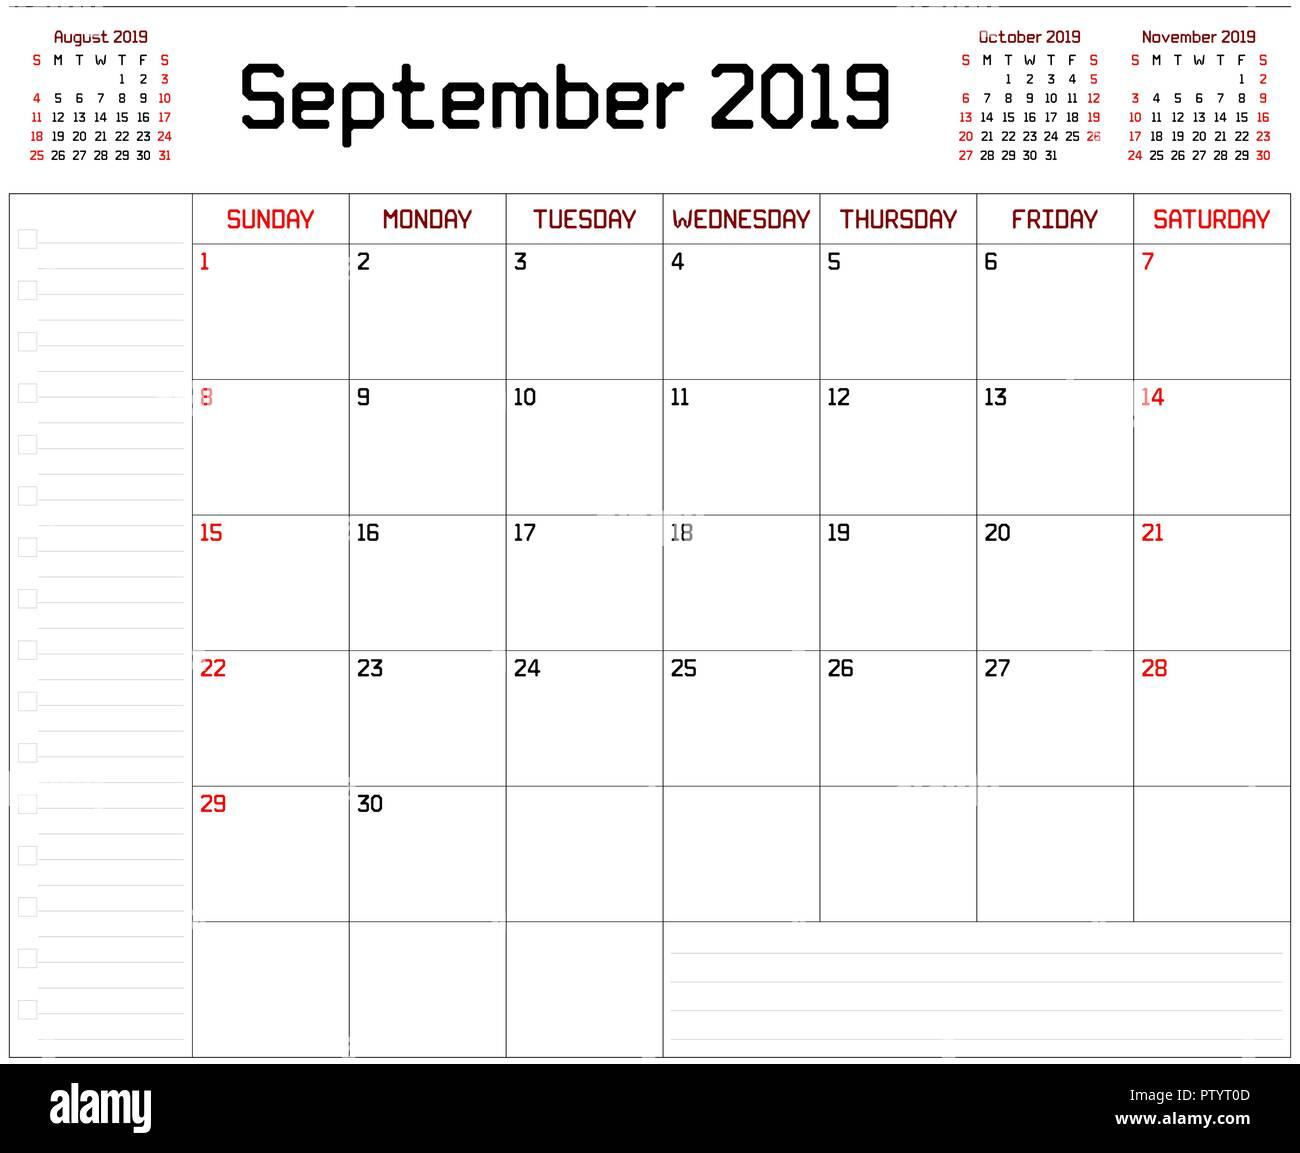 Calendar Planner September 2019.A Monthly Planner Calendar For September 2019 On White Background A